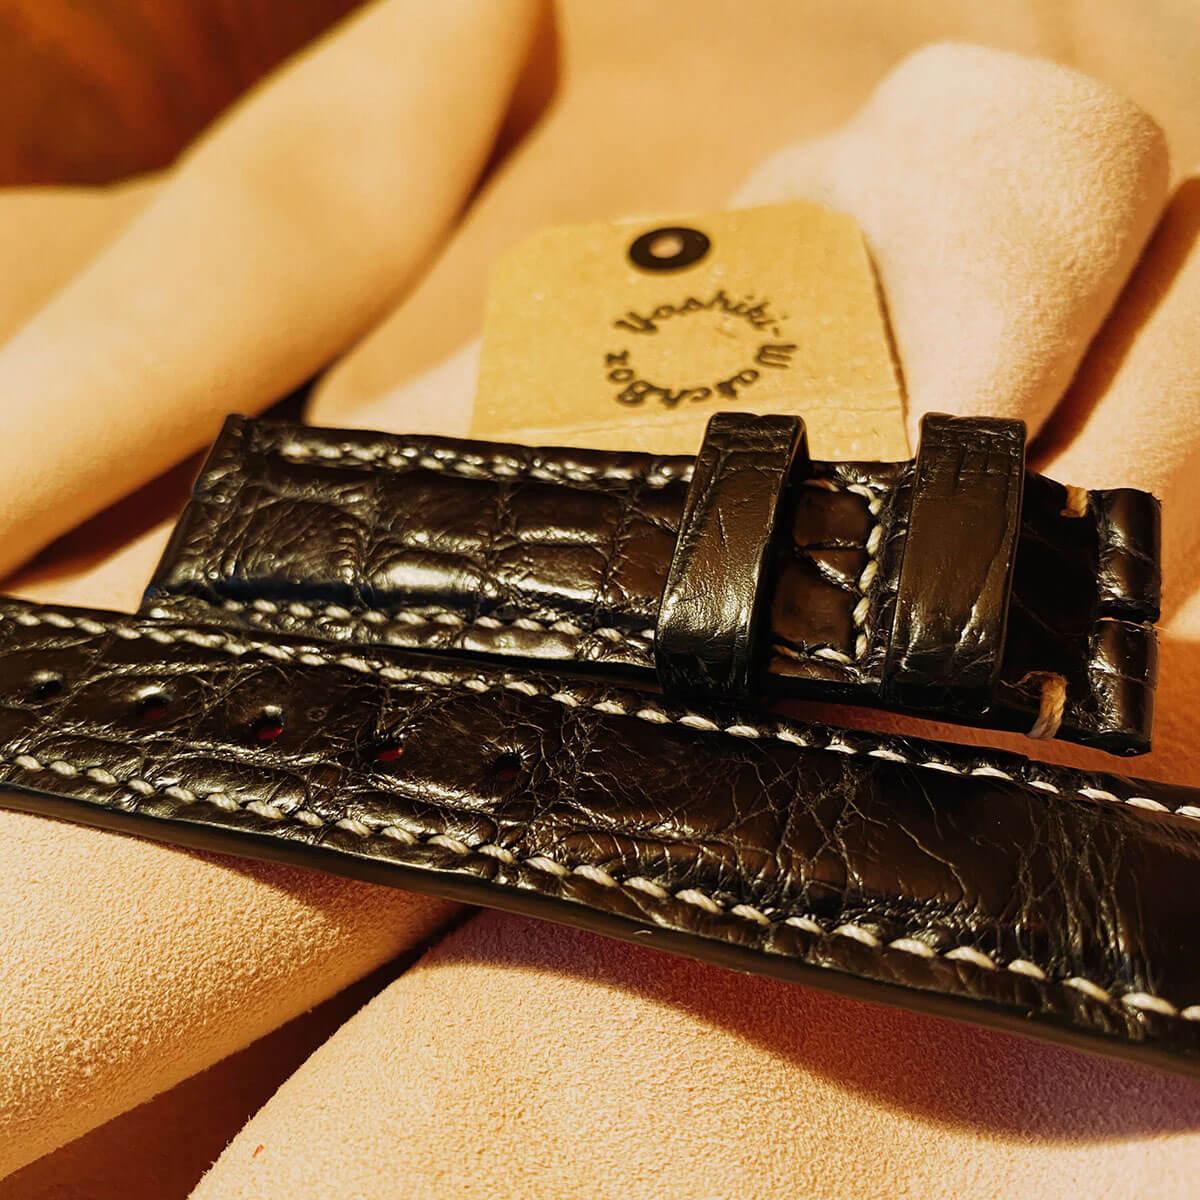 クロコダイルのヒップは柔らかいですpage-visual クロコダイルのヒップは柔らかいですビジュアル